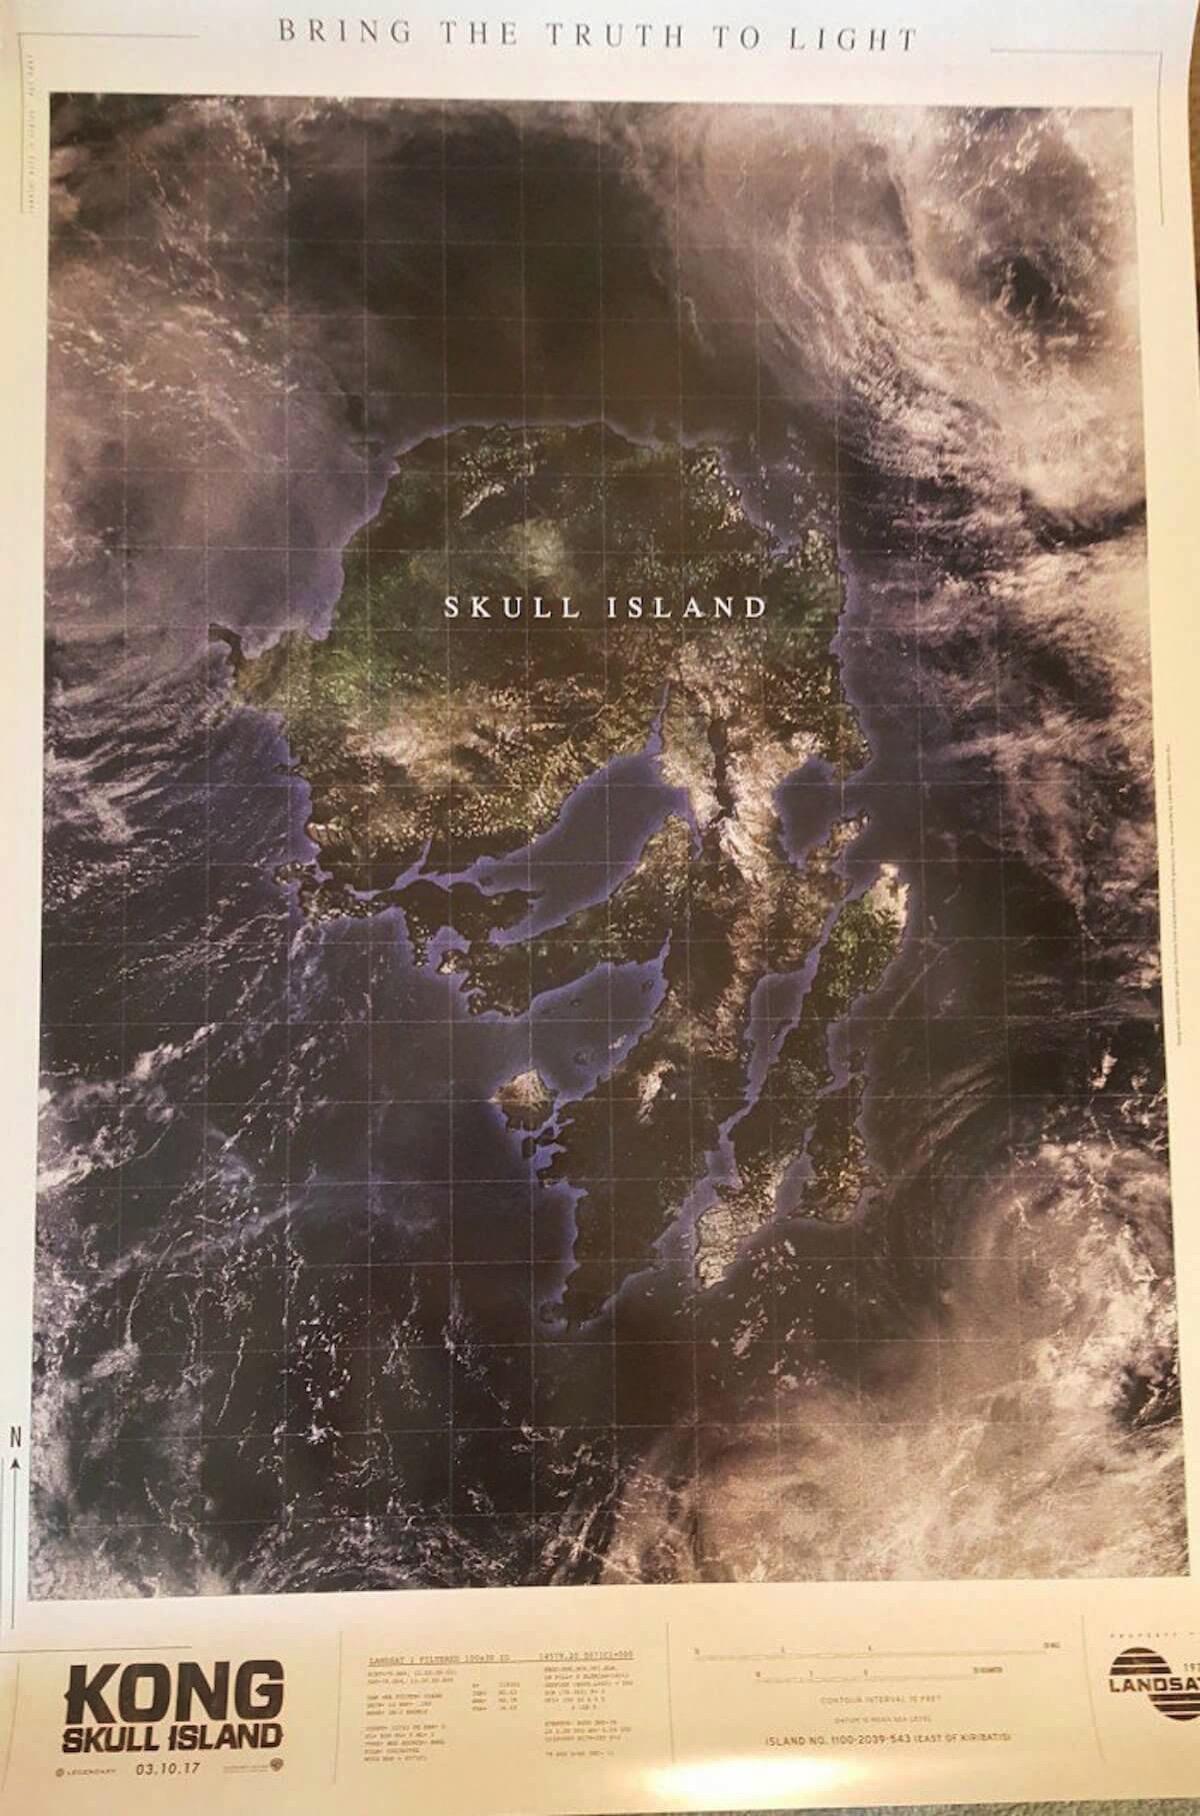 Kong skull island poster viral